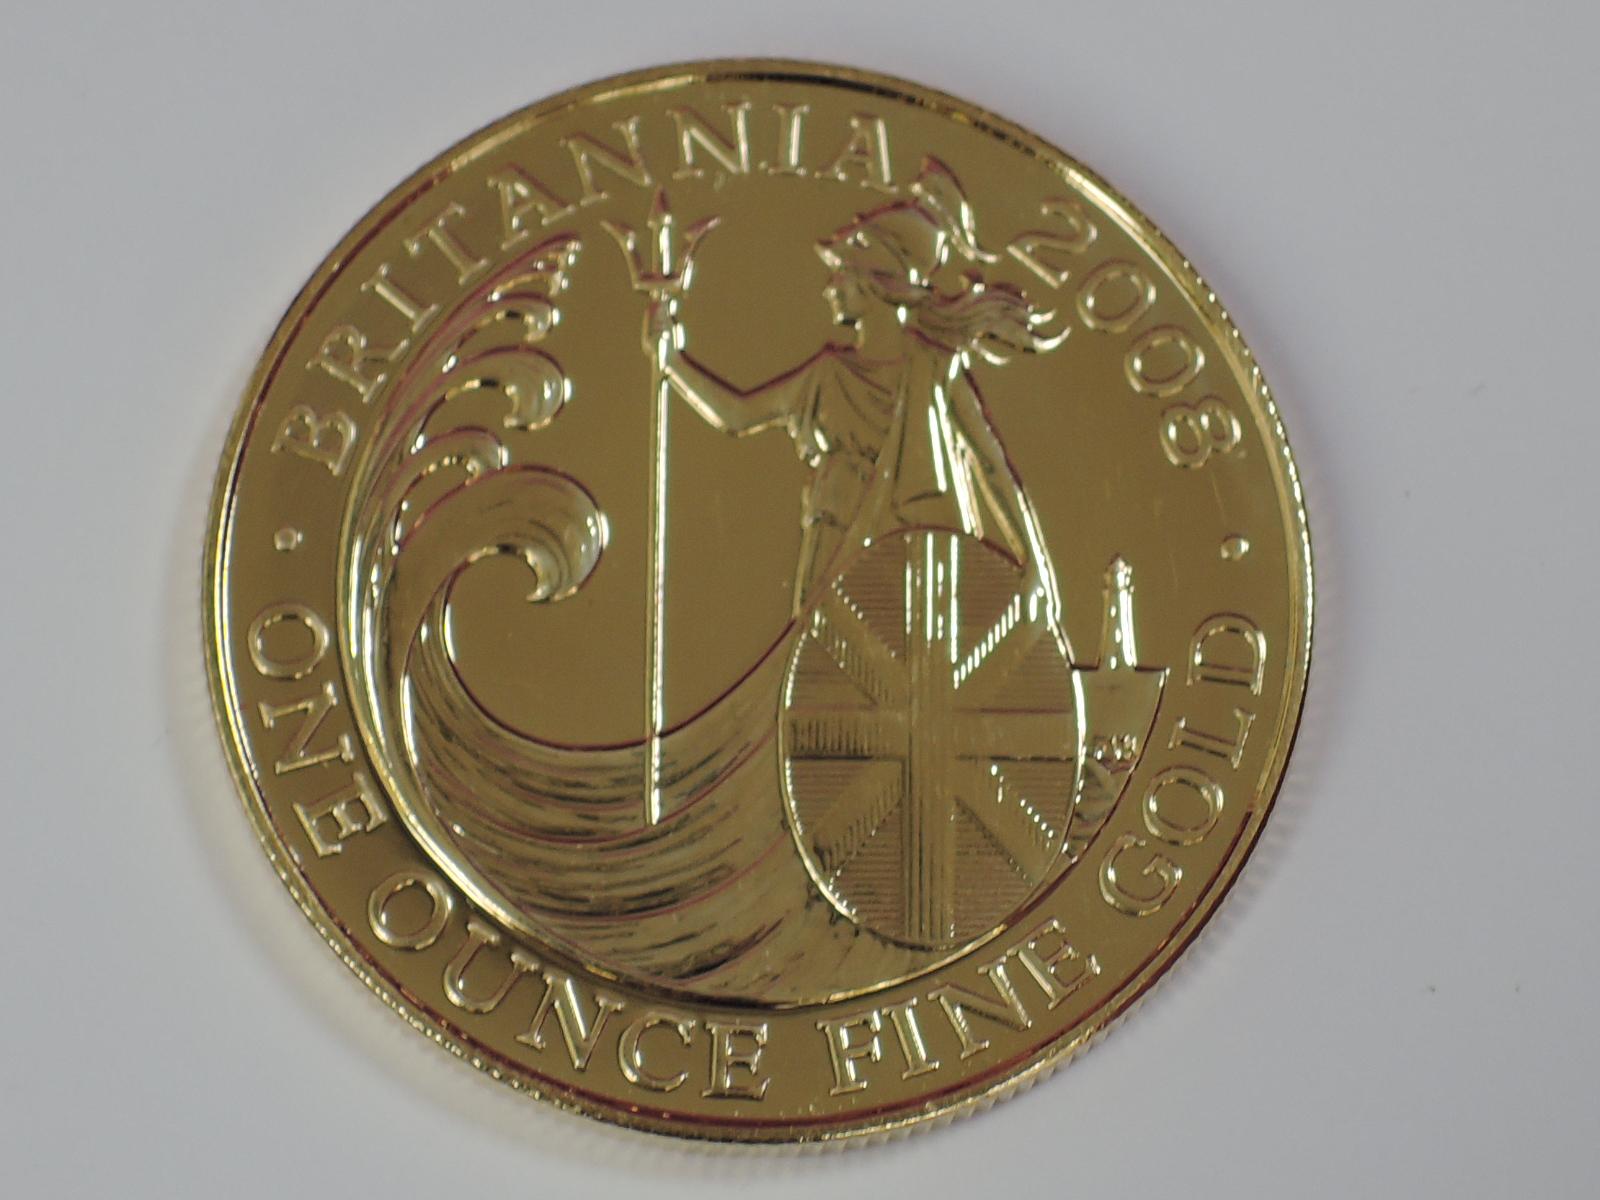 Lot 638 - A gold 1oz 2008 Great Britain Britannia 100 pound coin, in plastic case